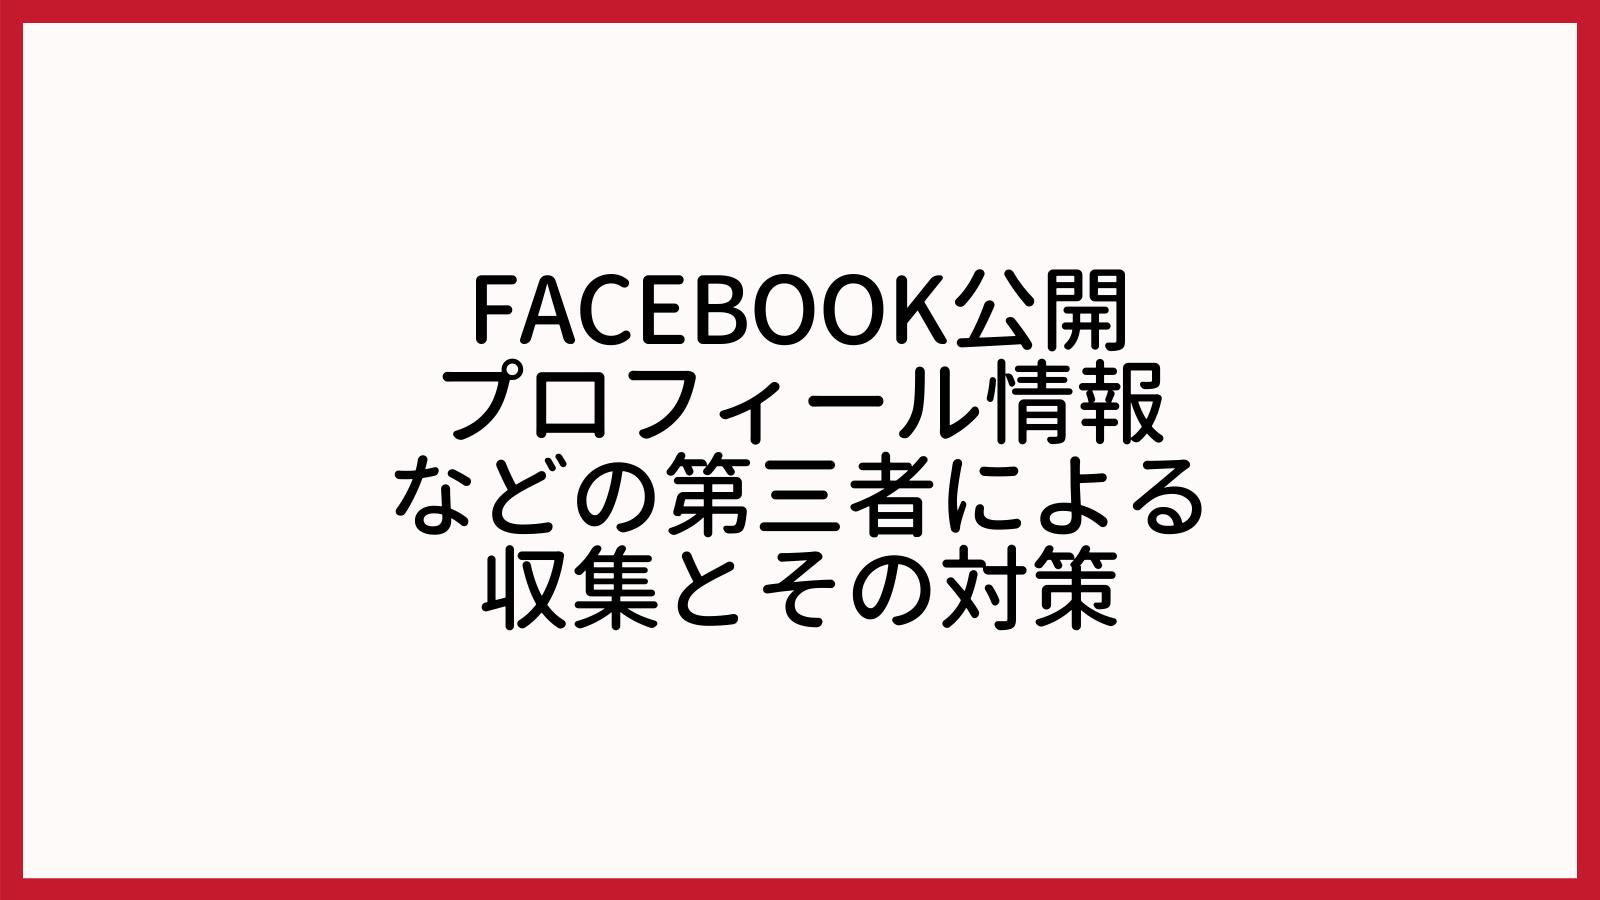 Facebook公開プロフィール情報などの第三者による収集とその対策